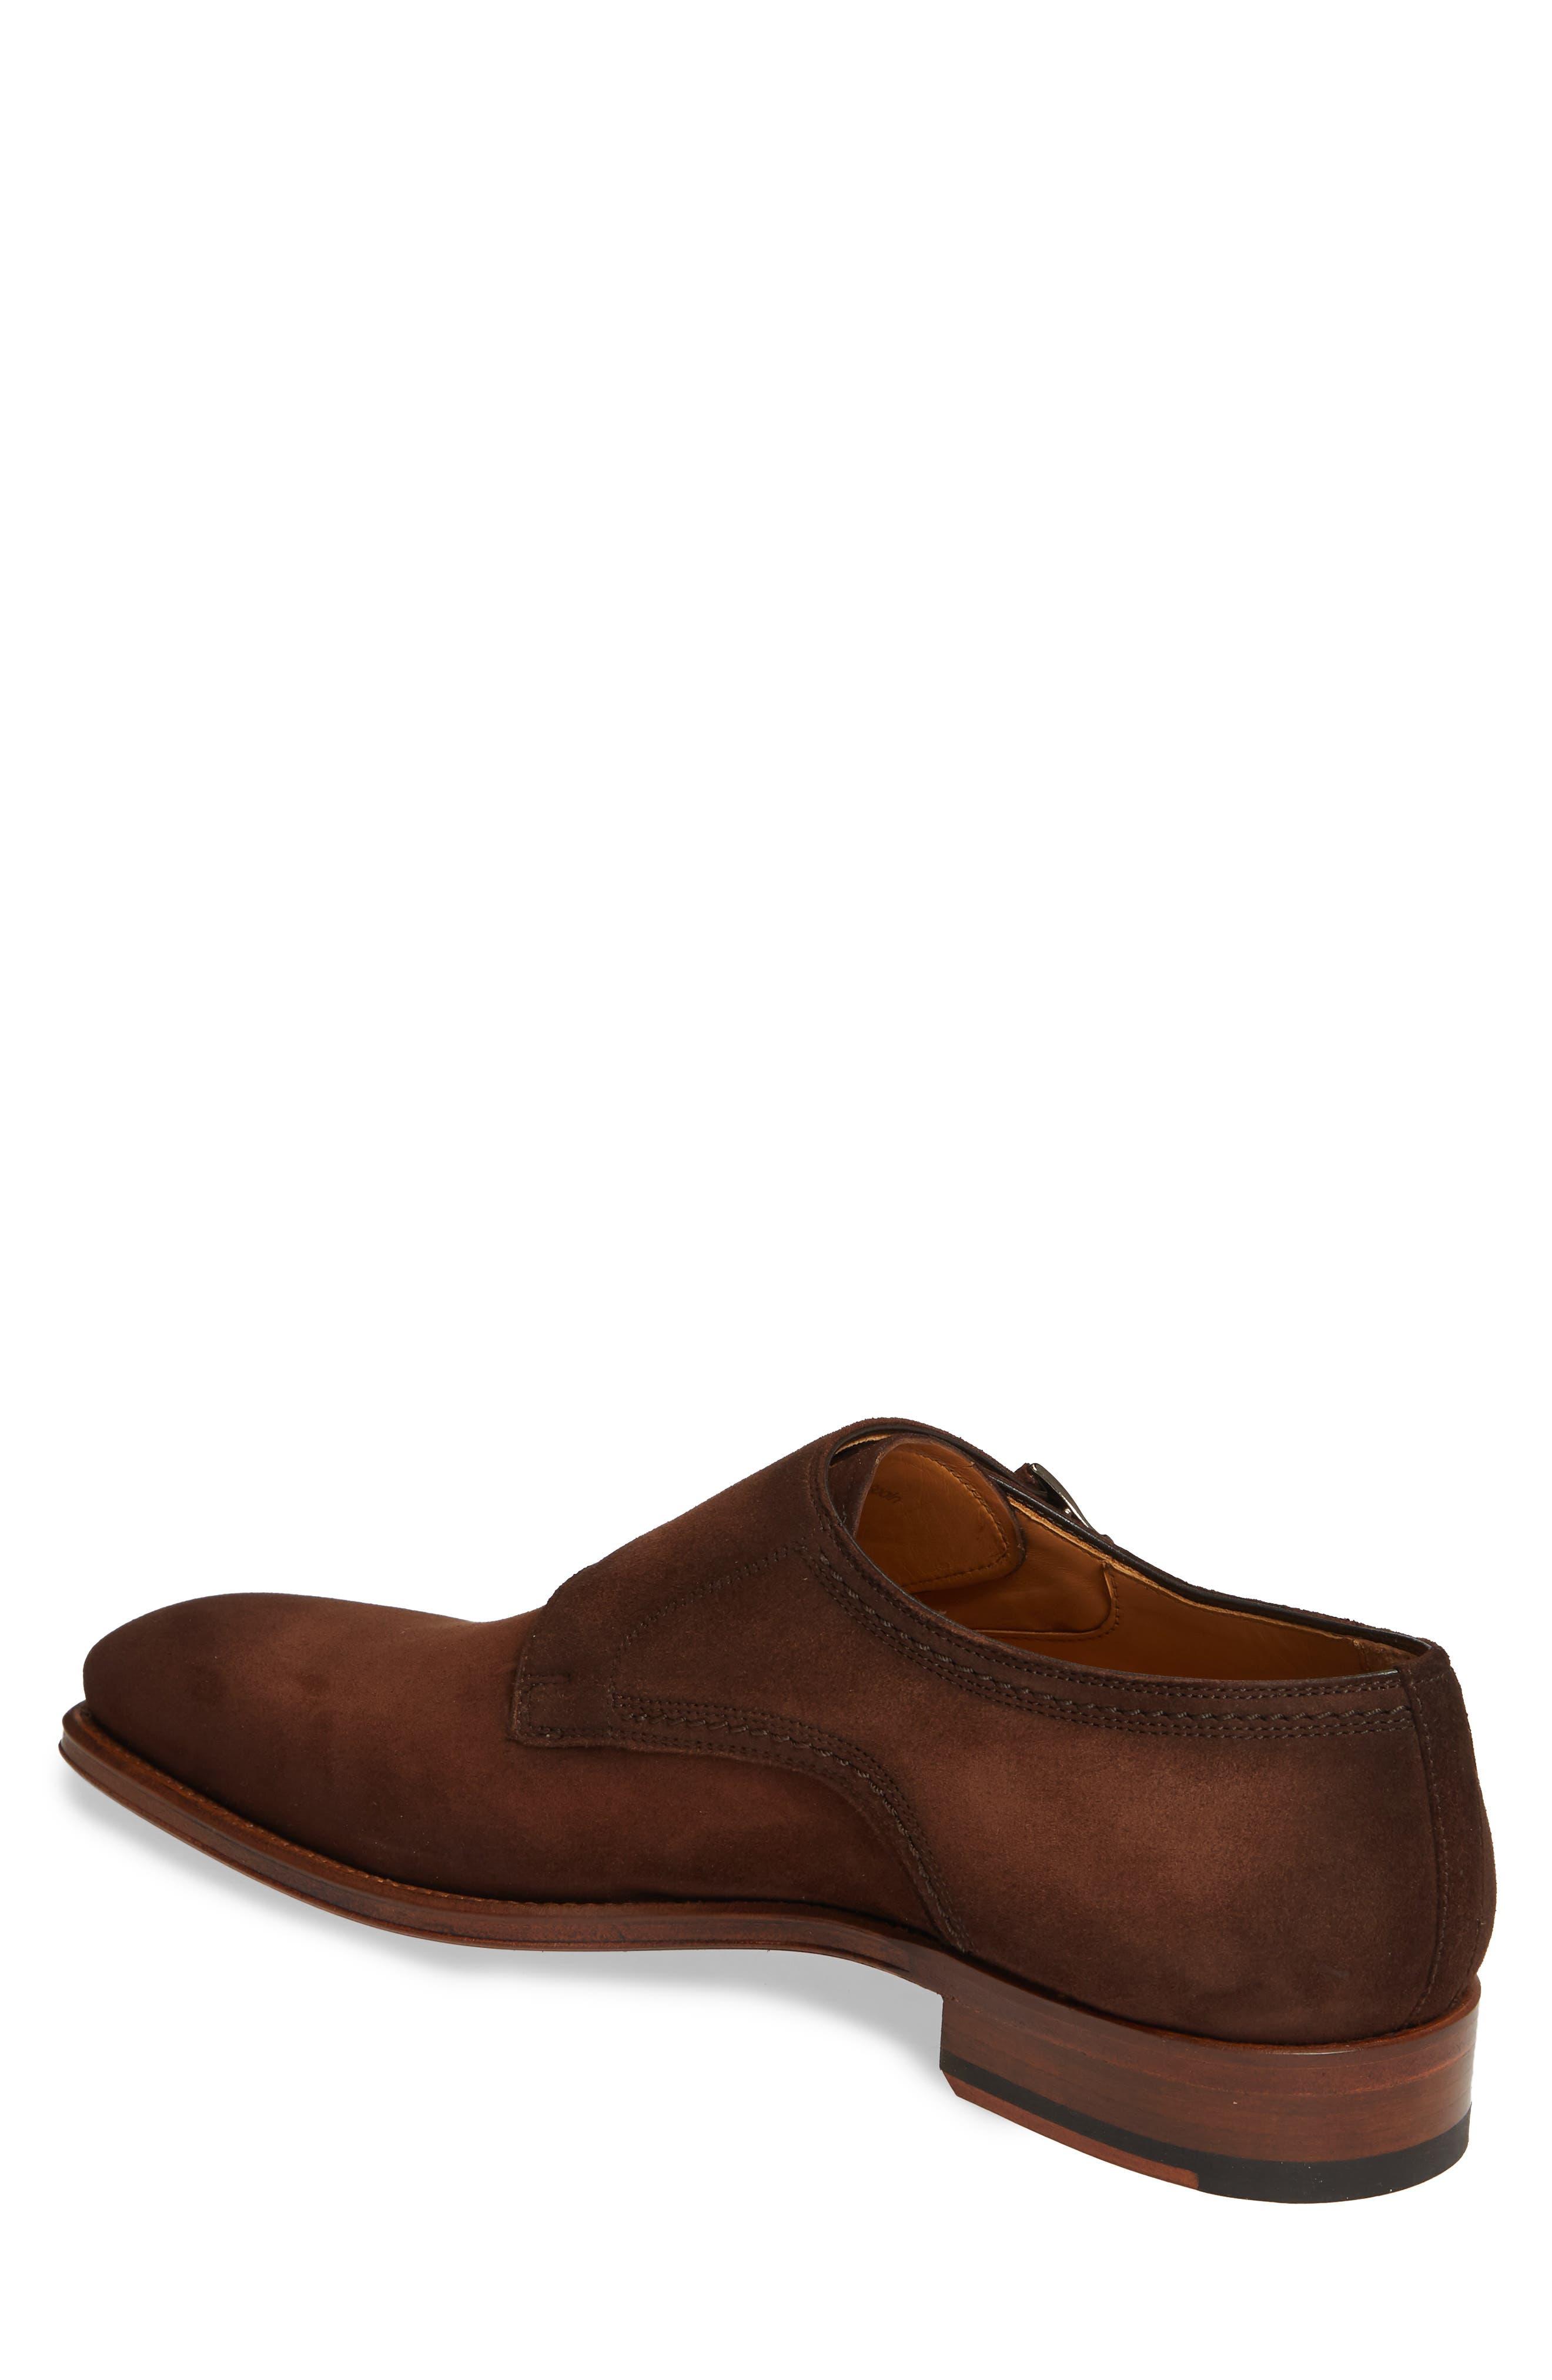 MAGNANNI, Landon Double Strap Monk Shoe, Alternate thumbnail 2, color, MID BROWN